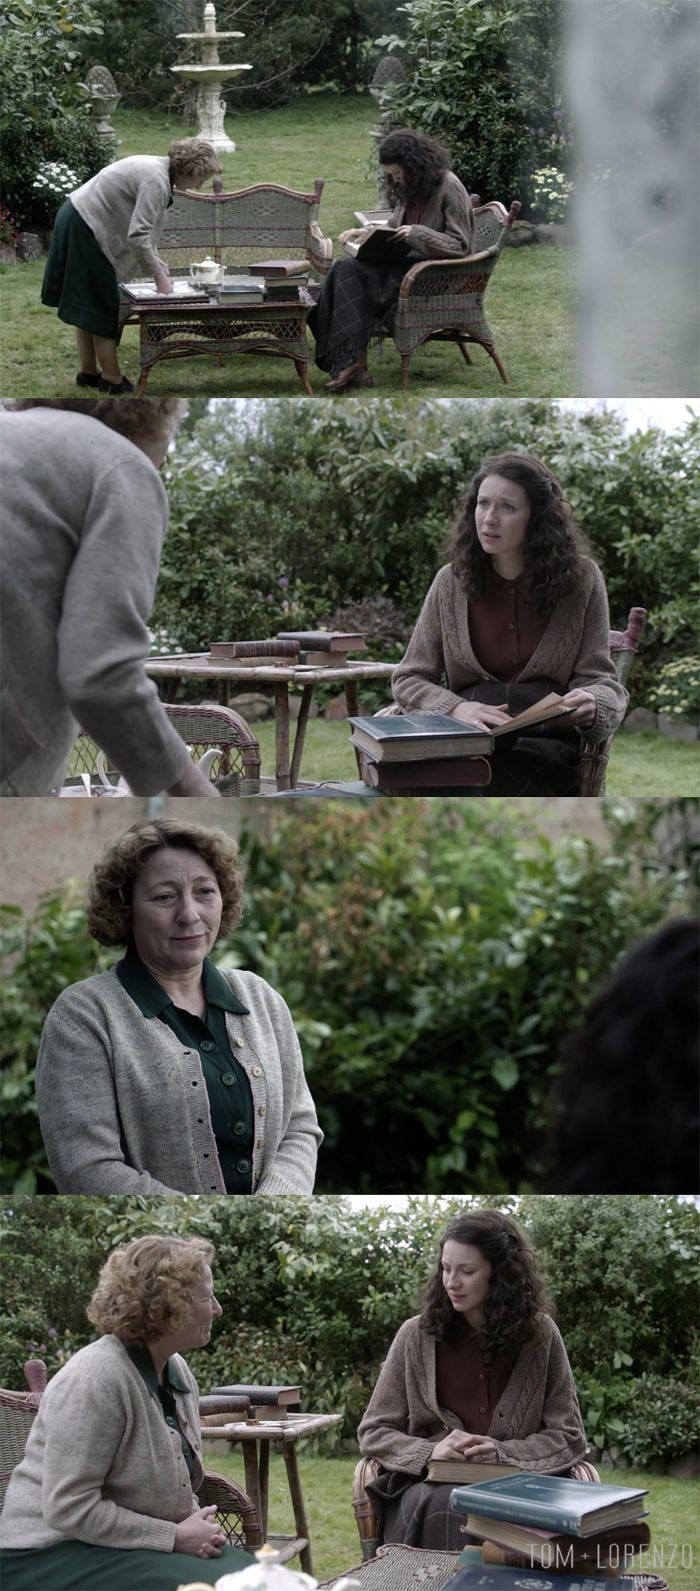 Outlander-Season-2-Episode-1-Television-Starz-Costumes-Tom-Lorenzo-Site (4)